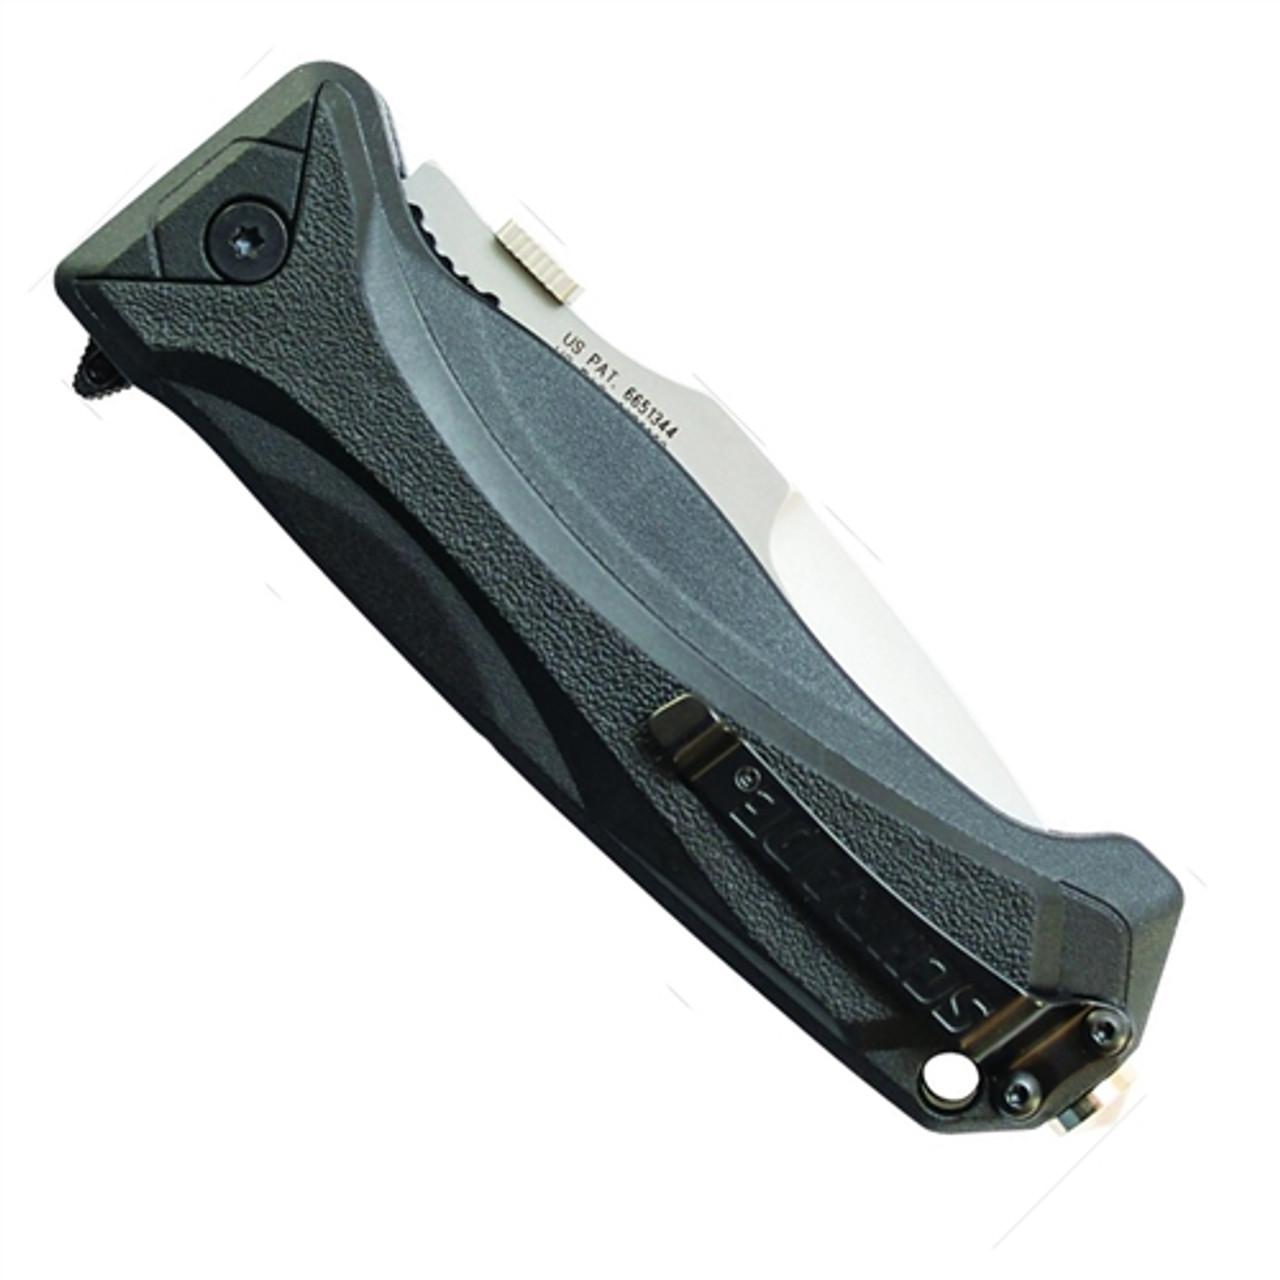 Schrade SCHA6LS Assist Knife, Black Handle, Bead Blast Combo Blade